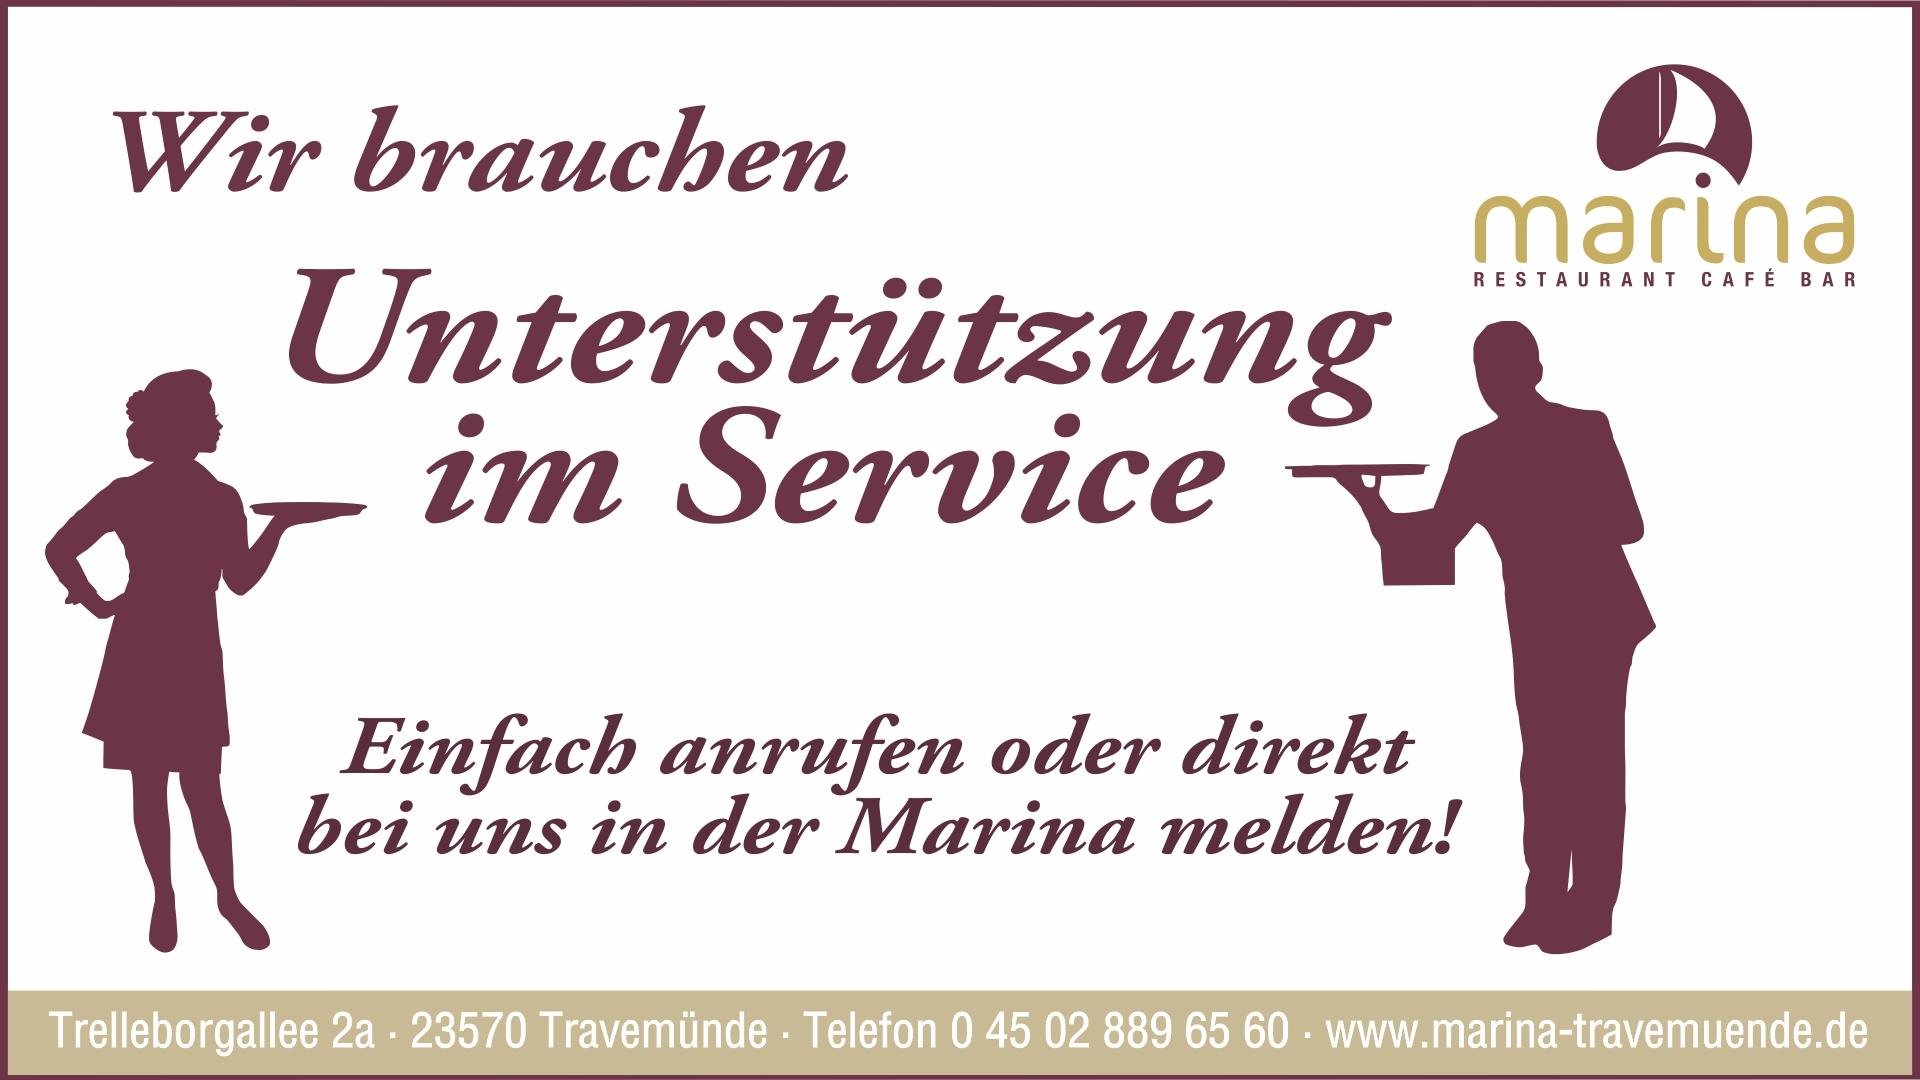 Wir suchen Unterstützung im Servicebereich!